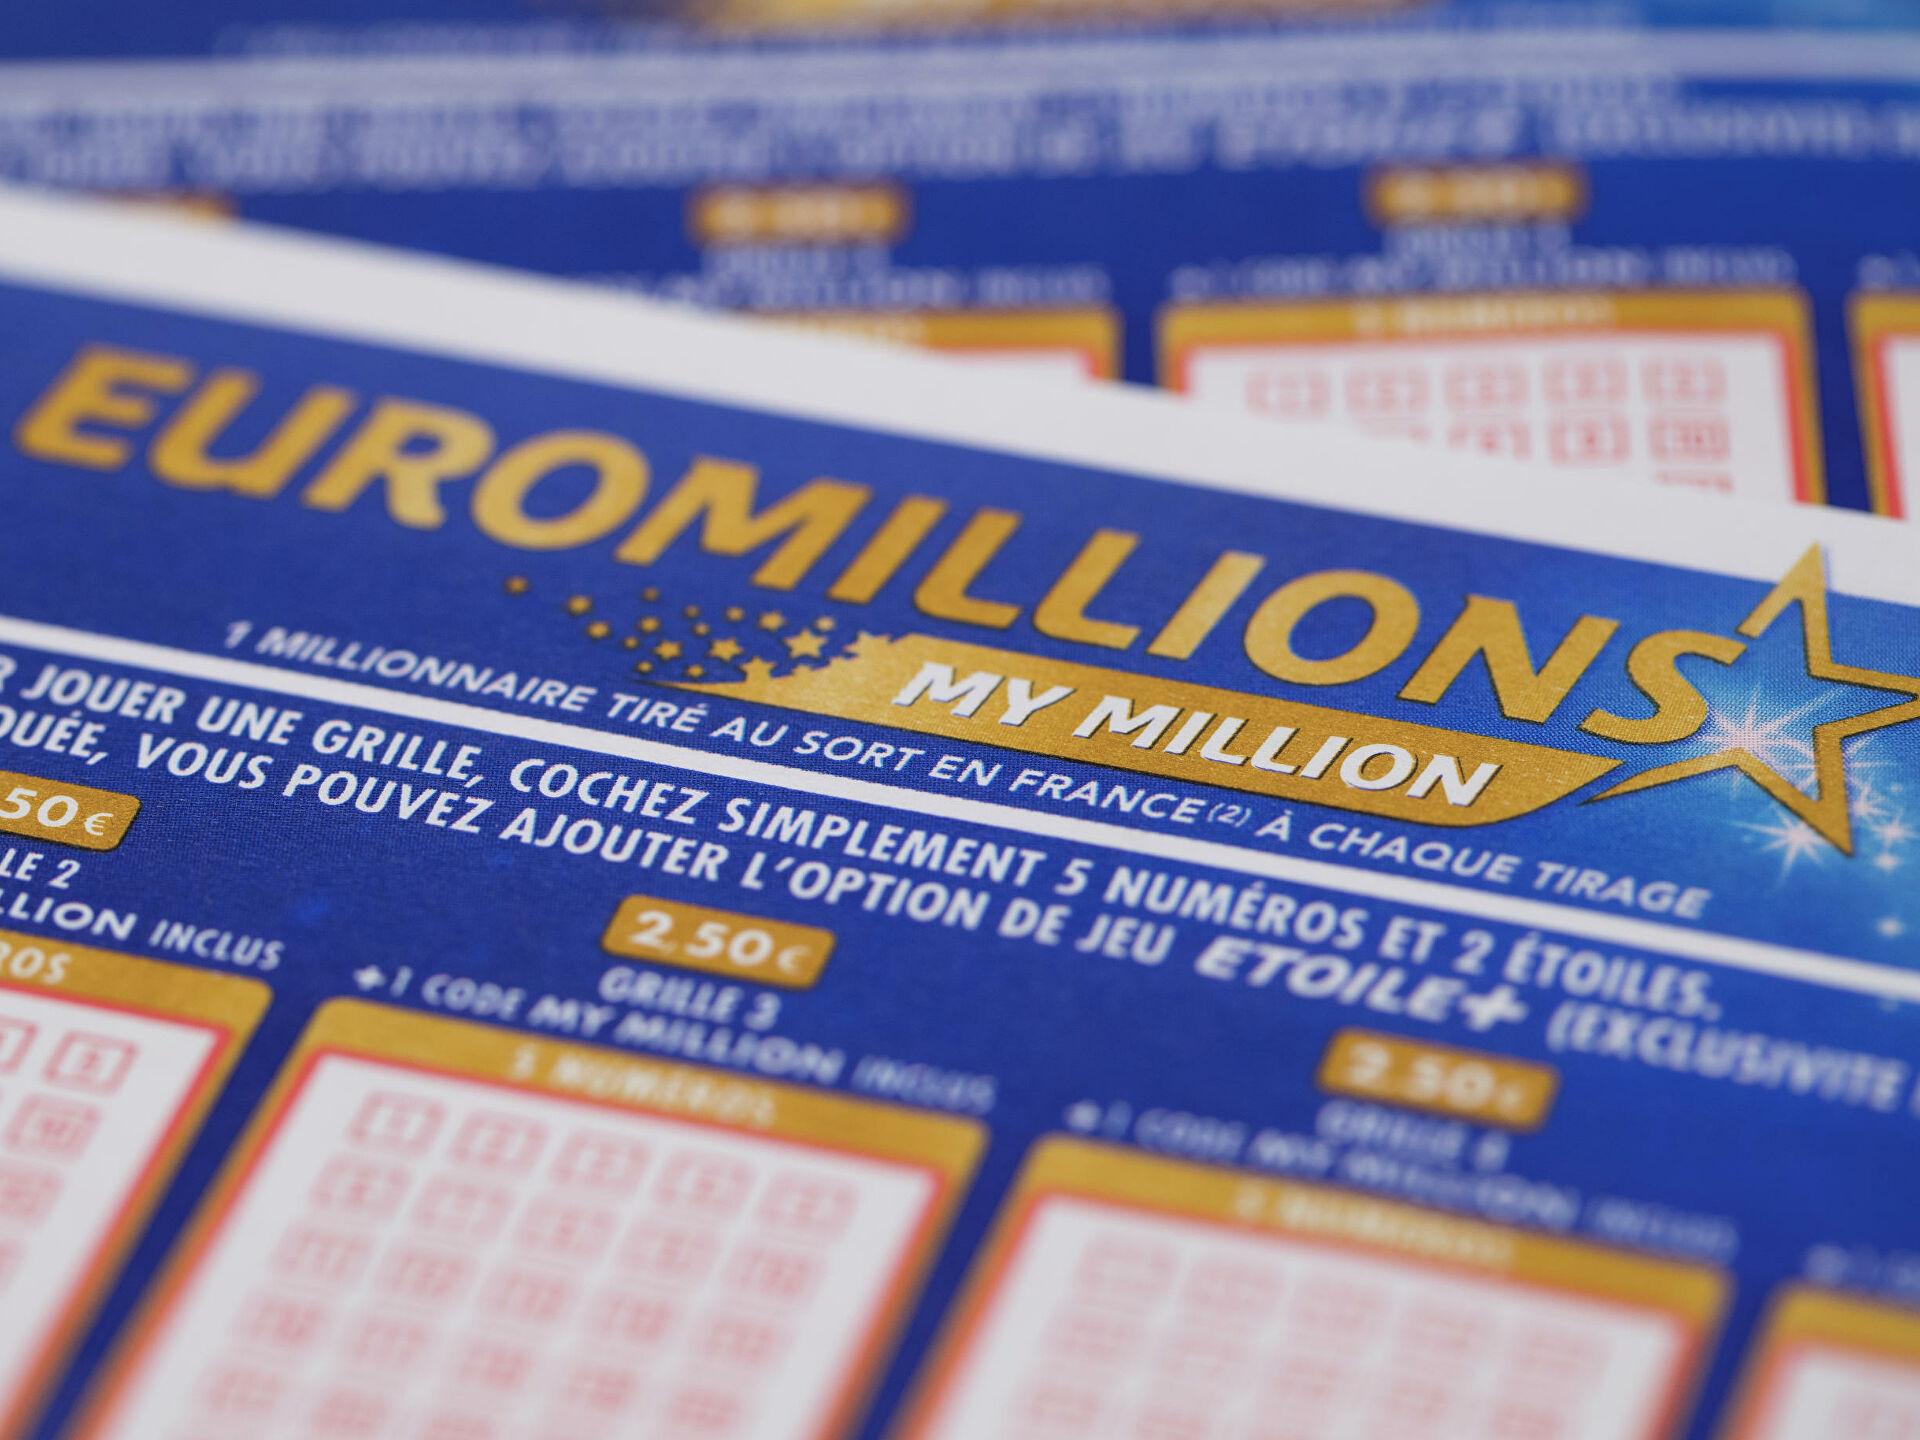 Euromillions | résultats et rapport de gains de l'euromillion en direct | dernier tirage ce vendredi 22 janvier 2021